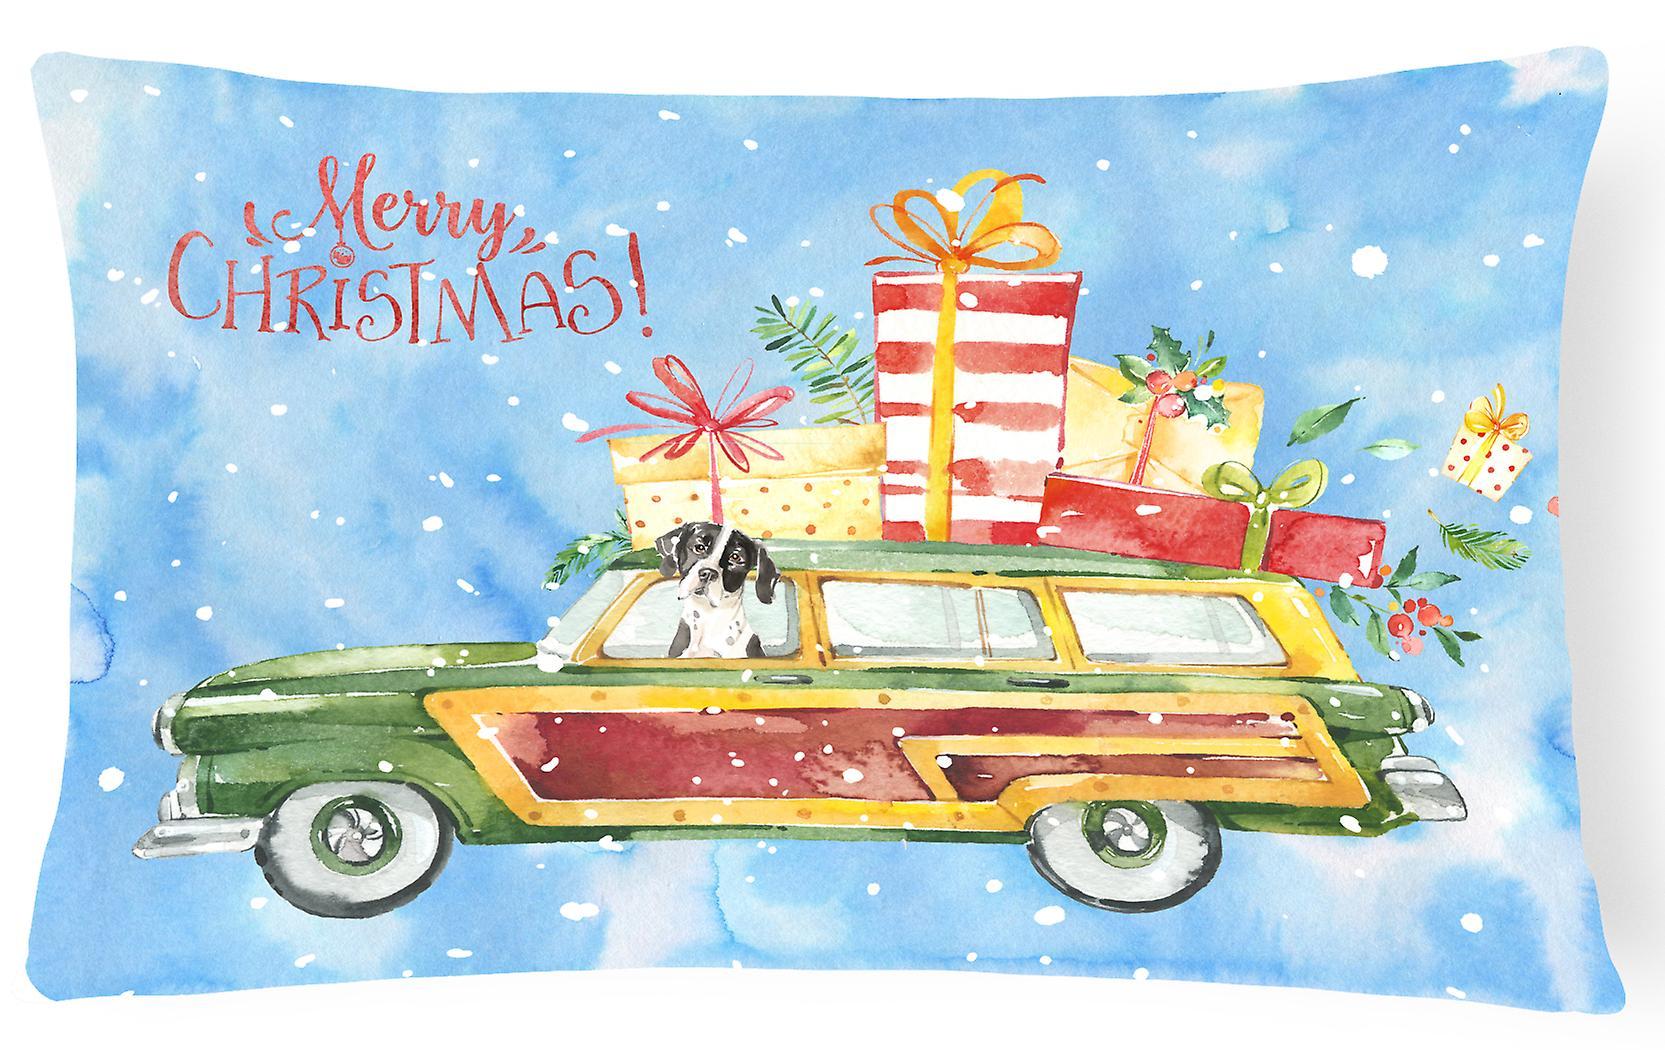 Frohe Weihnachten Englisch.Frohe Weihnachten Englisch Zeiger Canvas Stoff Dekorative Kissen